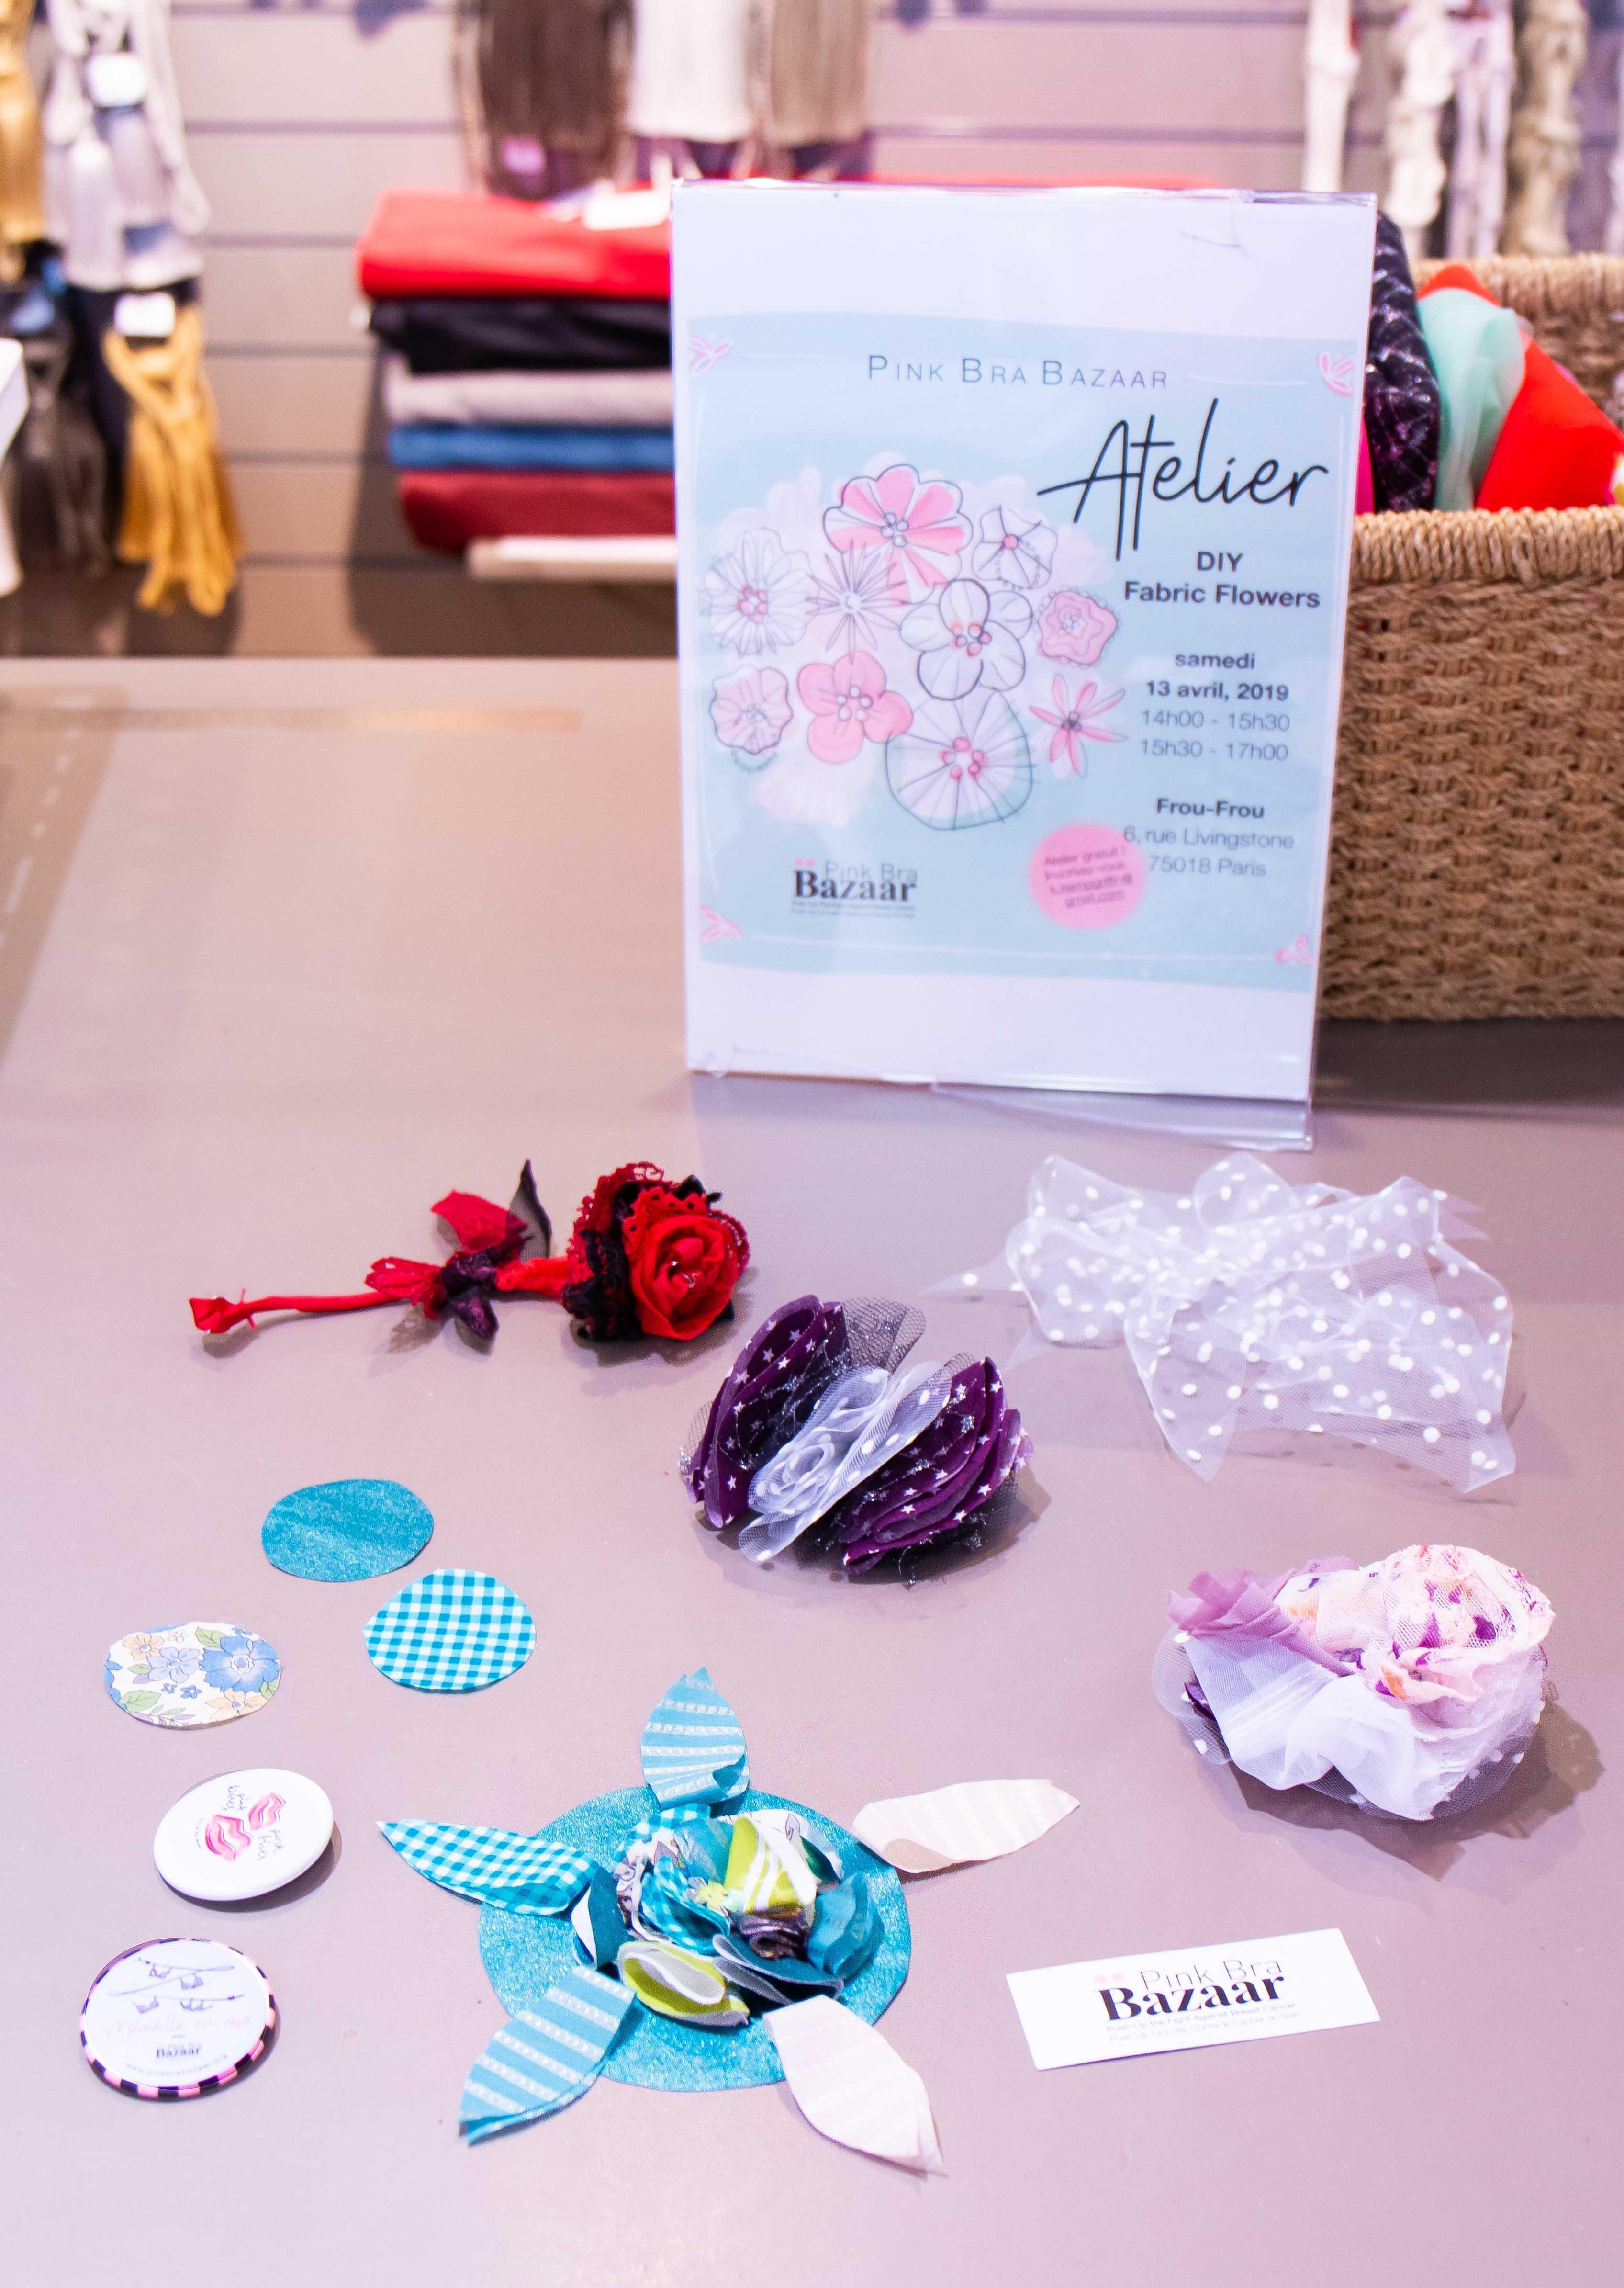 Atelier Pink Bra Bazaar-31